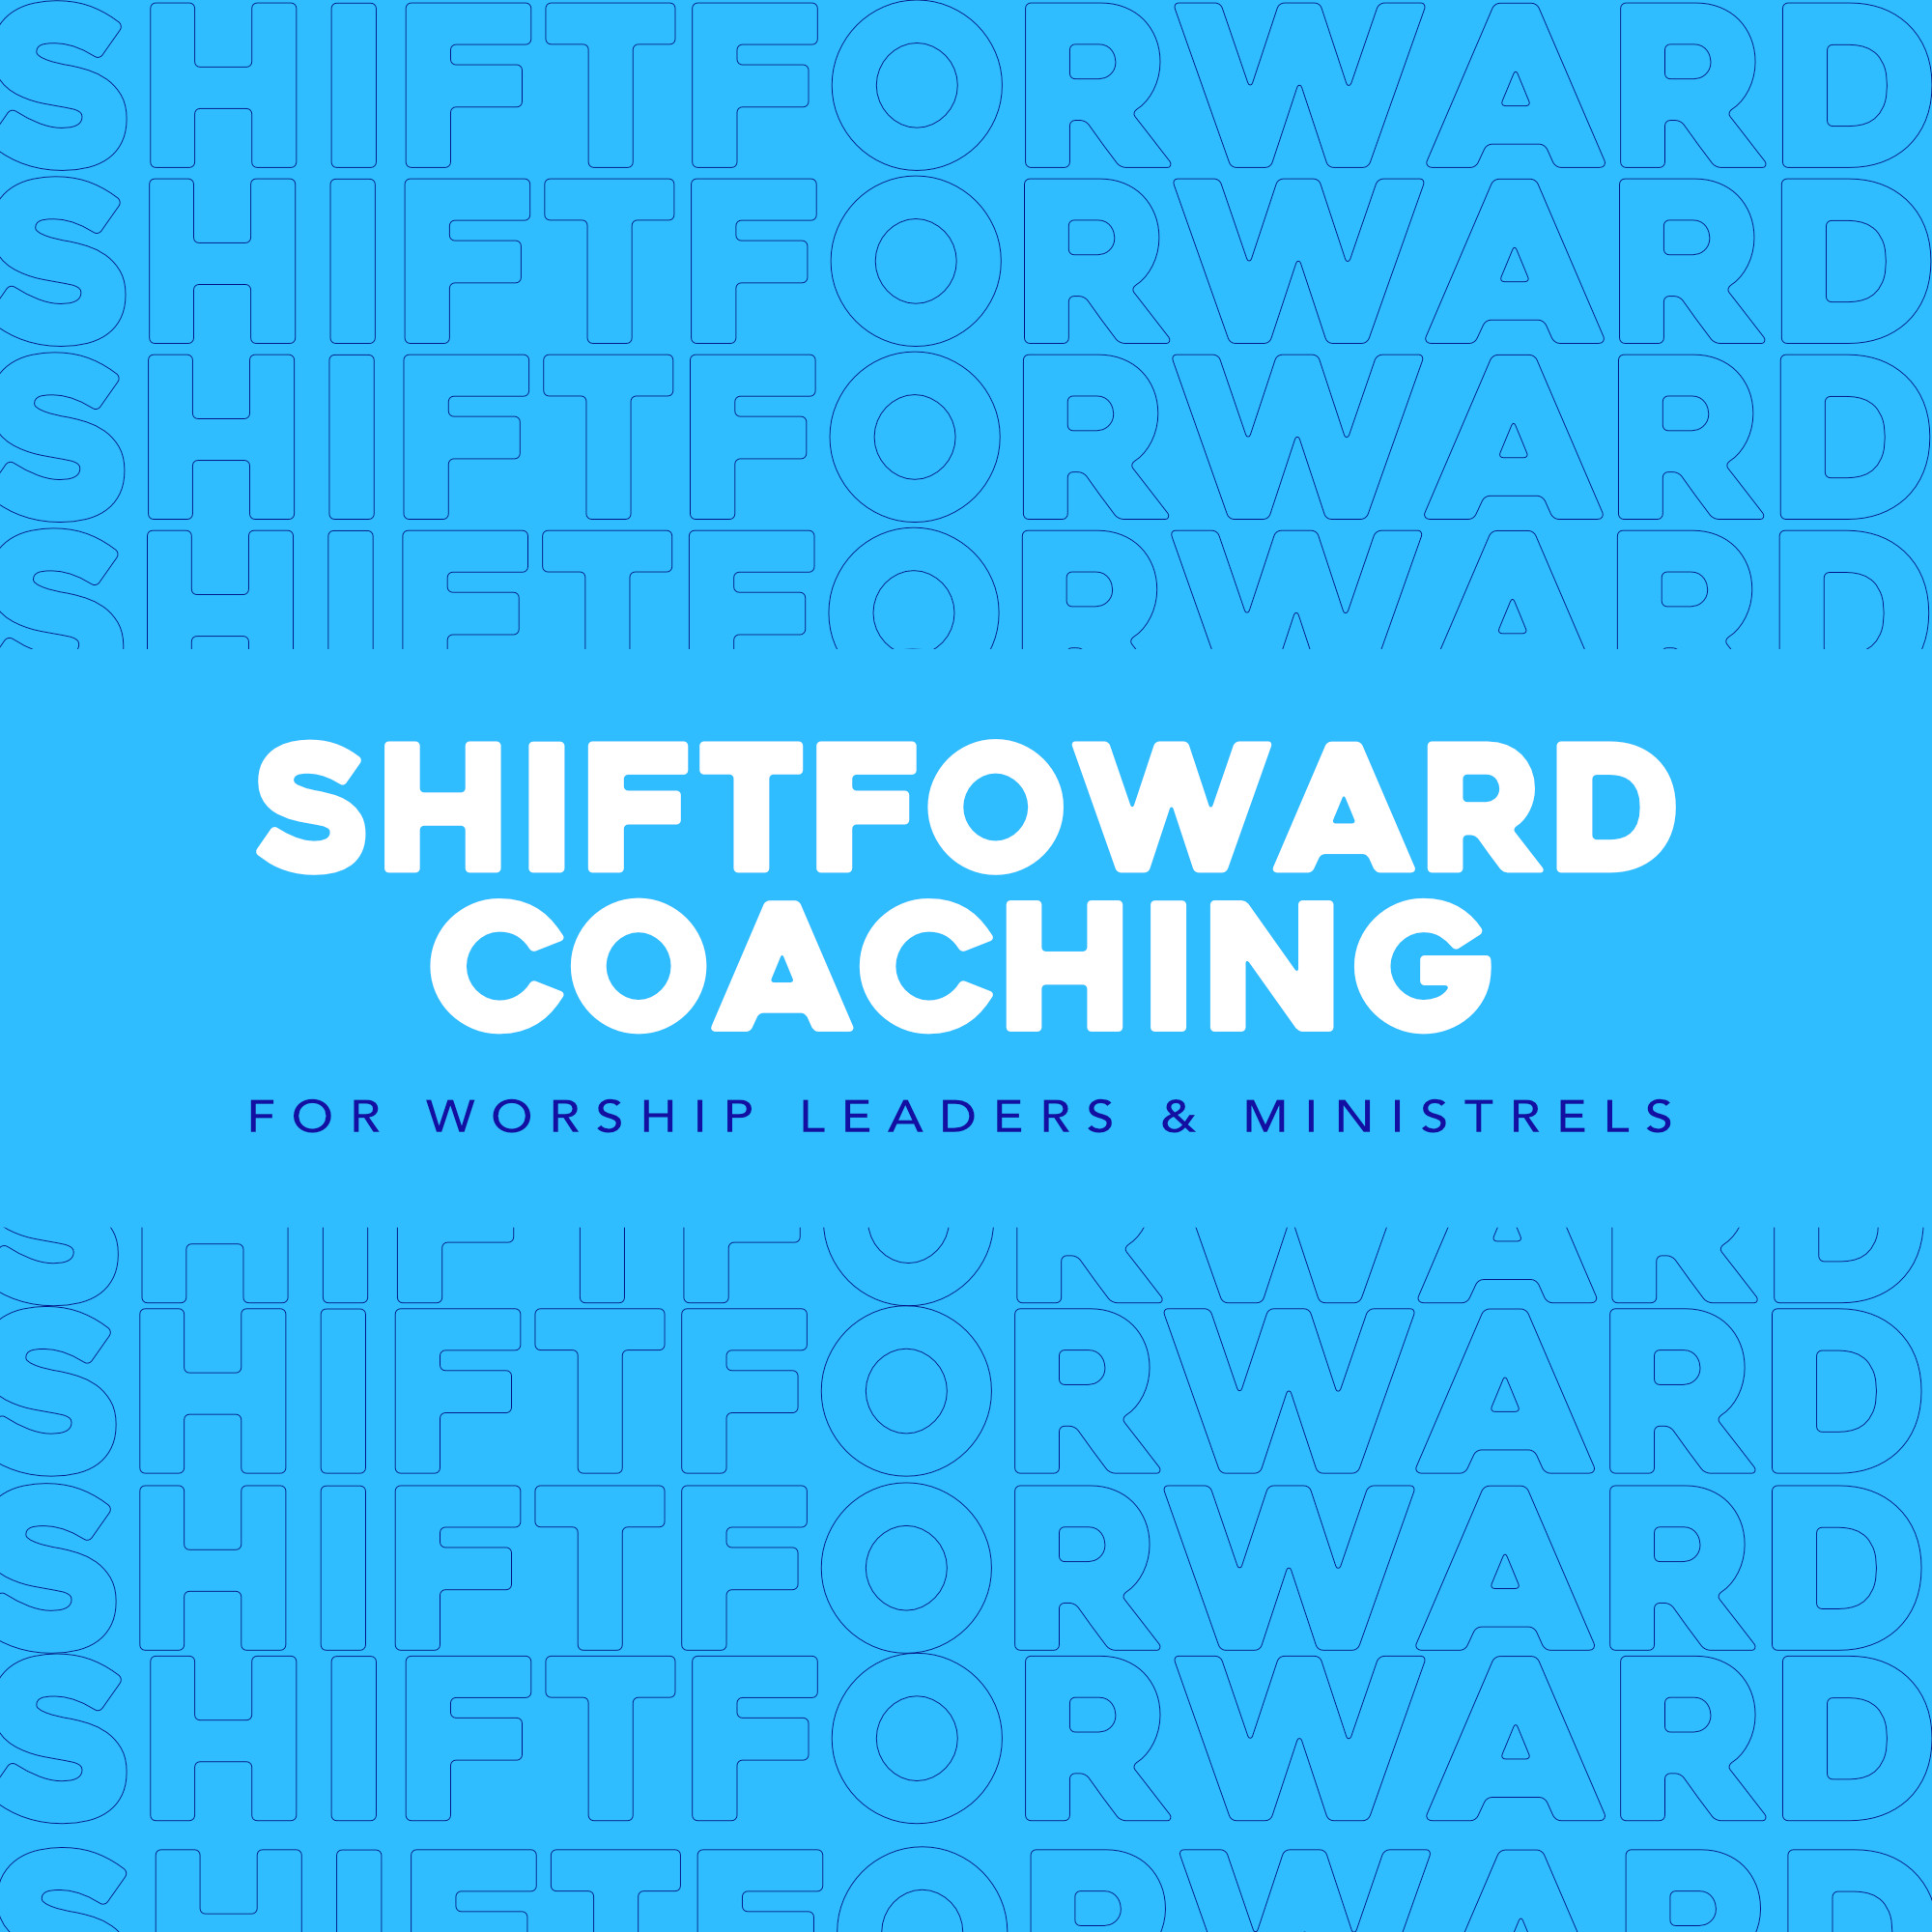 ShiftForward Coaching